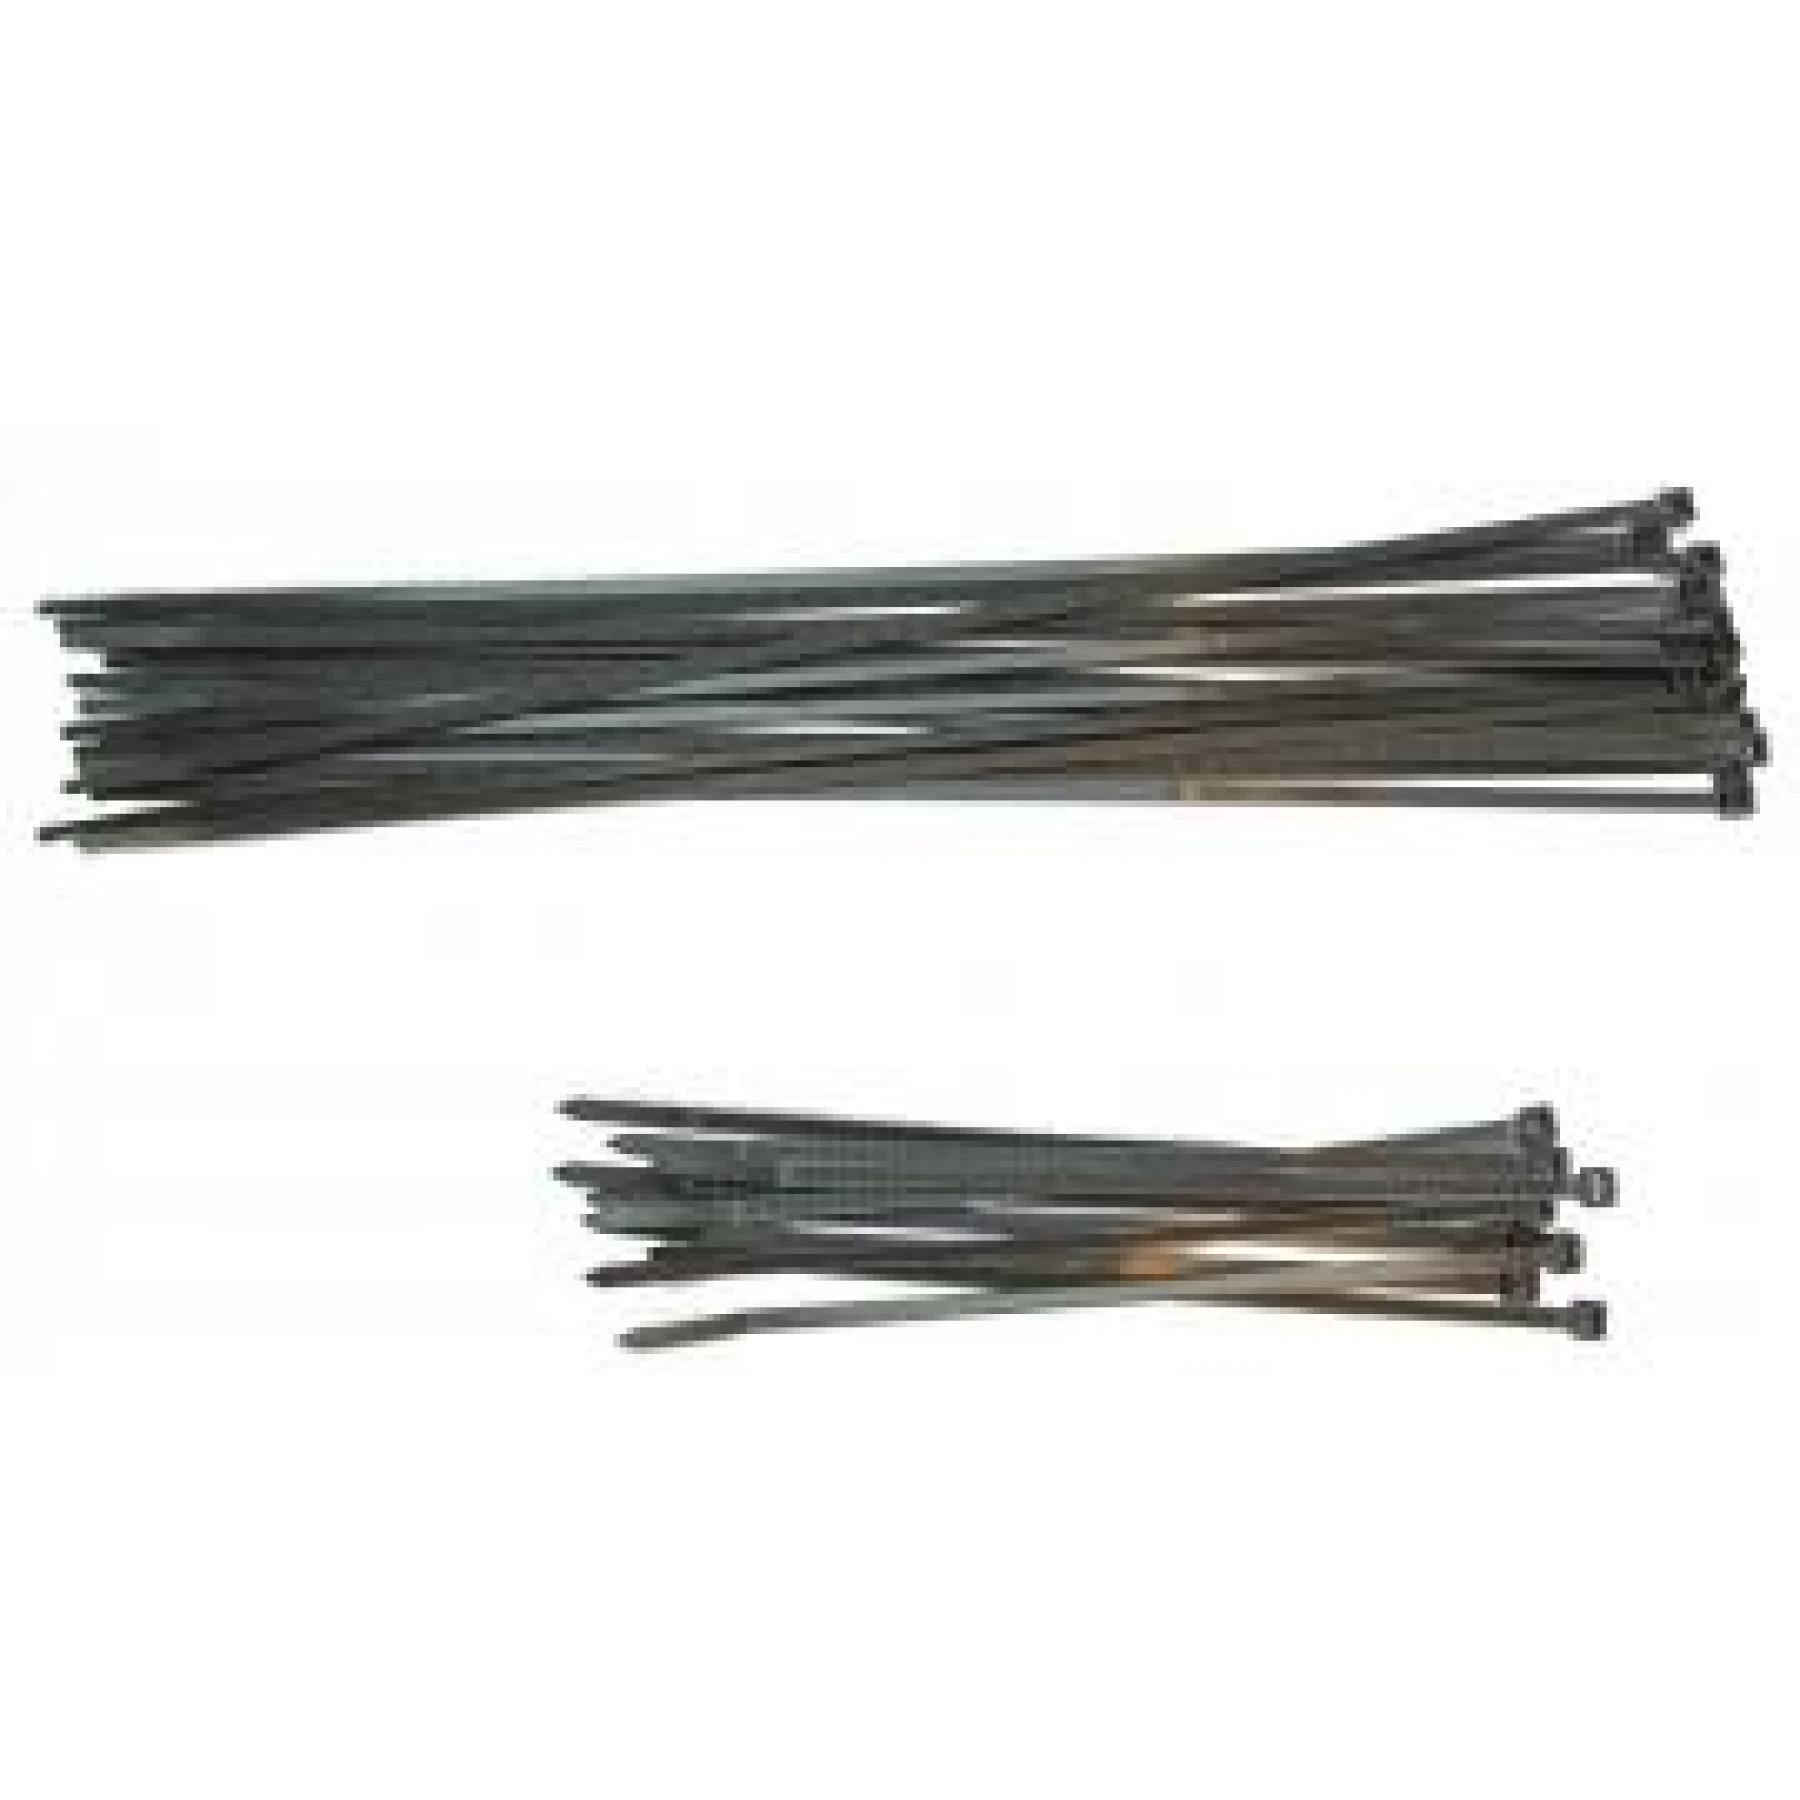 Kabelstrip 500x12,5 zwart 50st